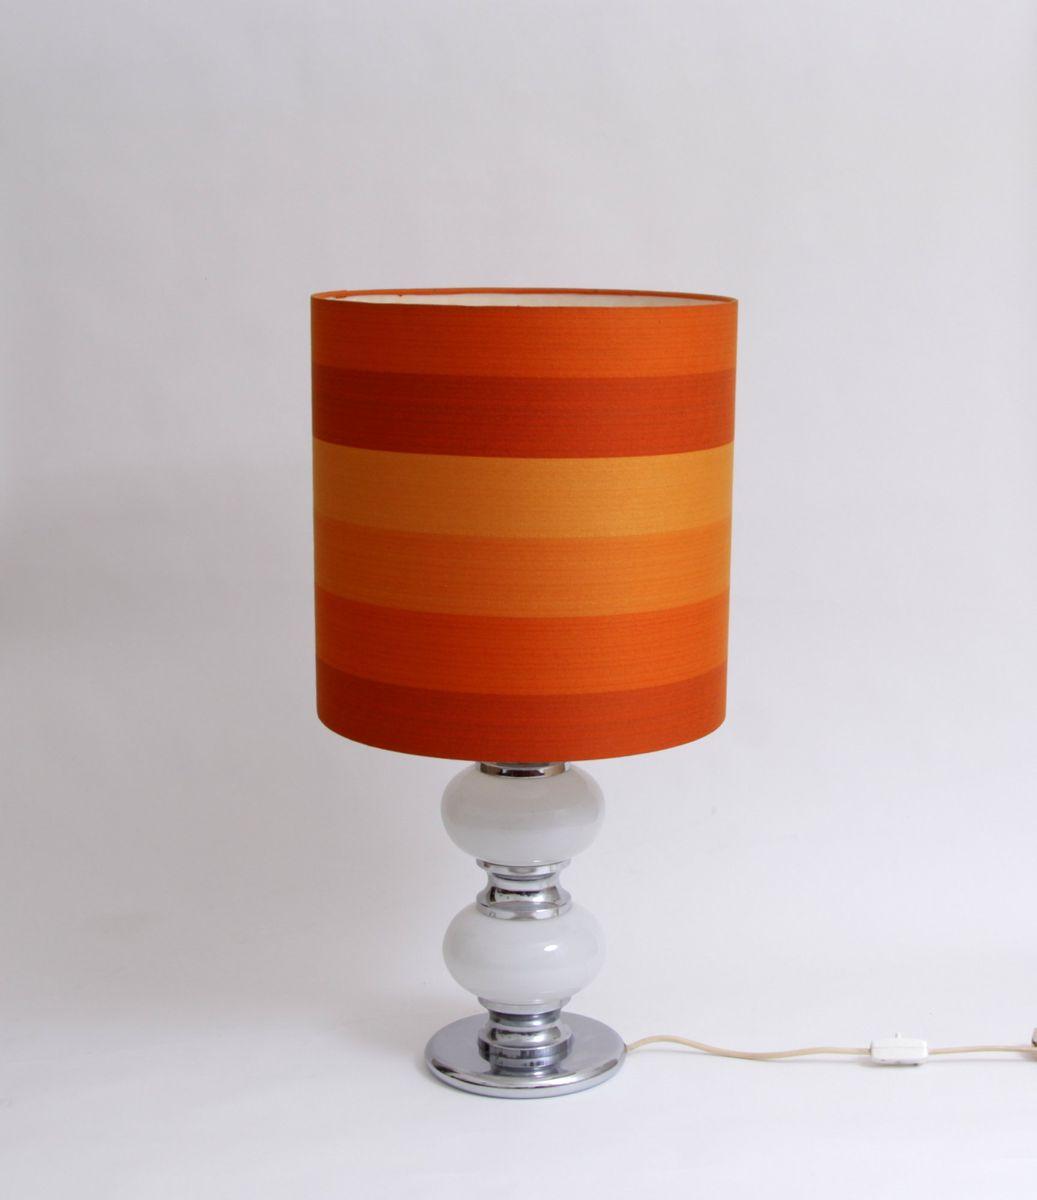 Orange floor lamp - Orange Vintage Floor Lamp With Illuminated Base